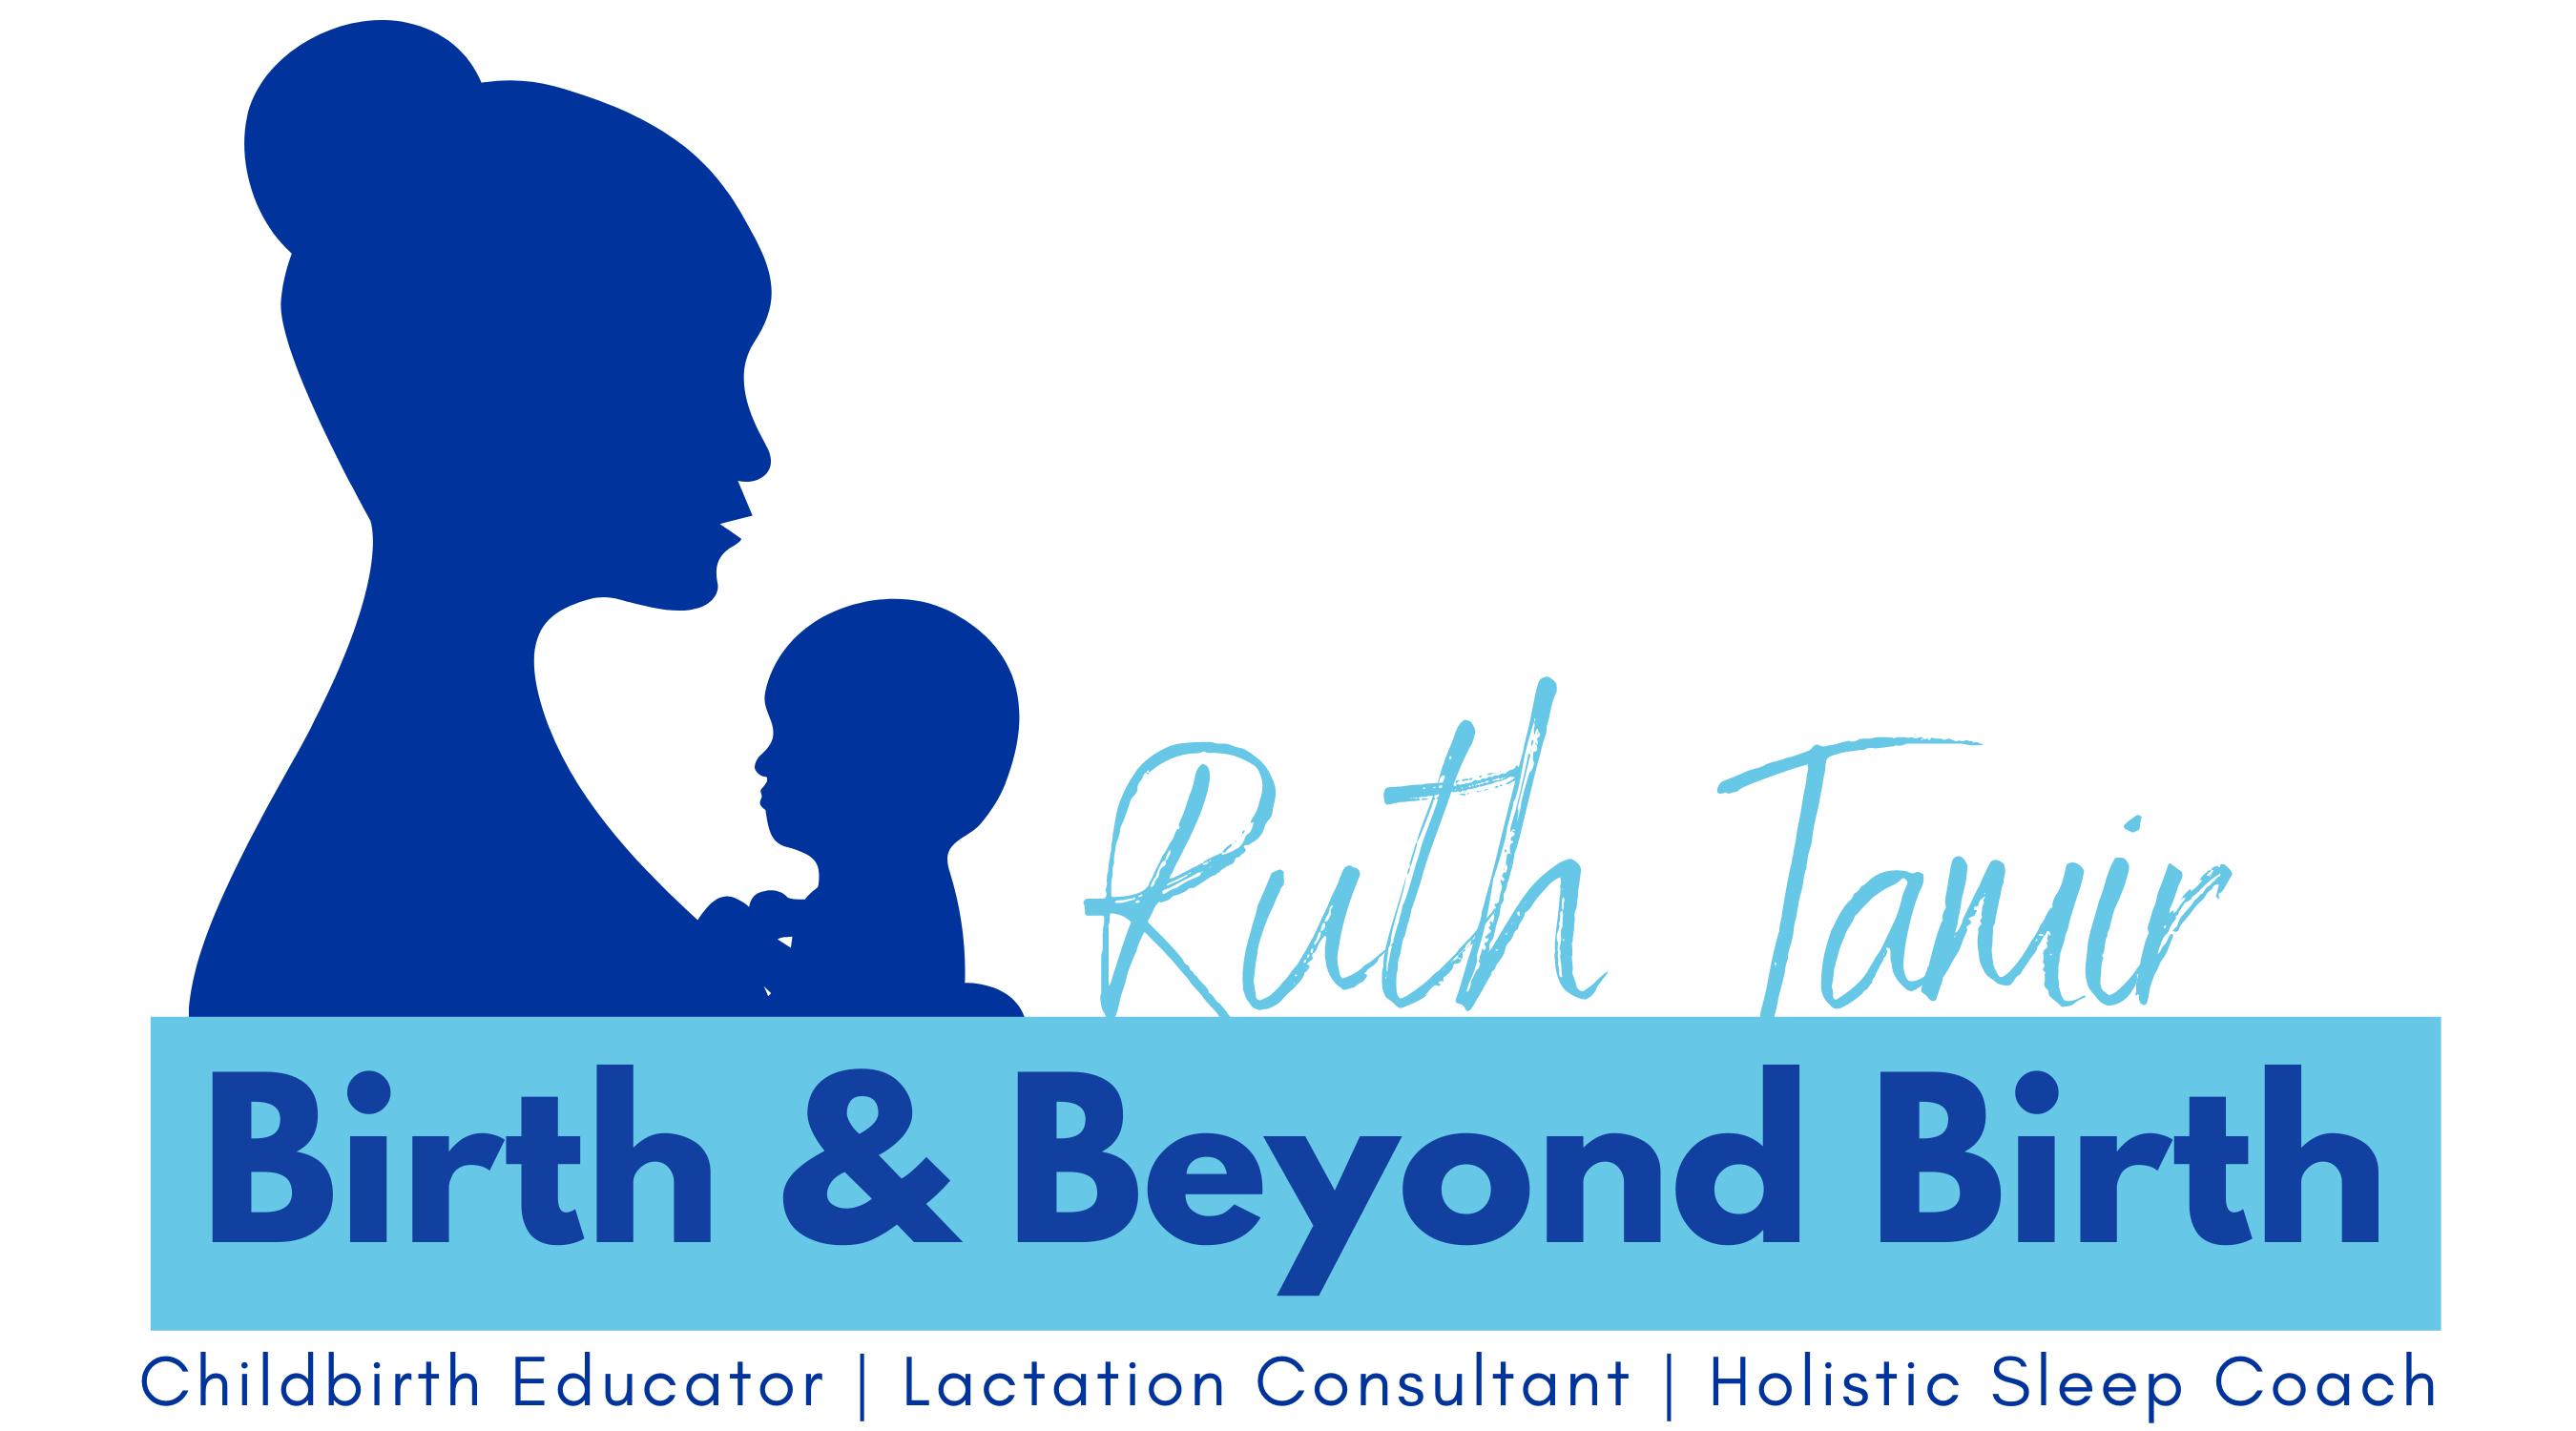 Birth & Beyond Birth